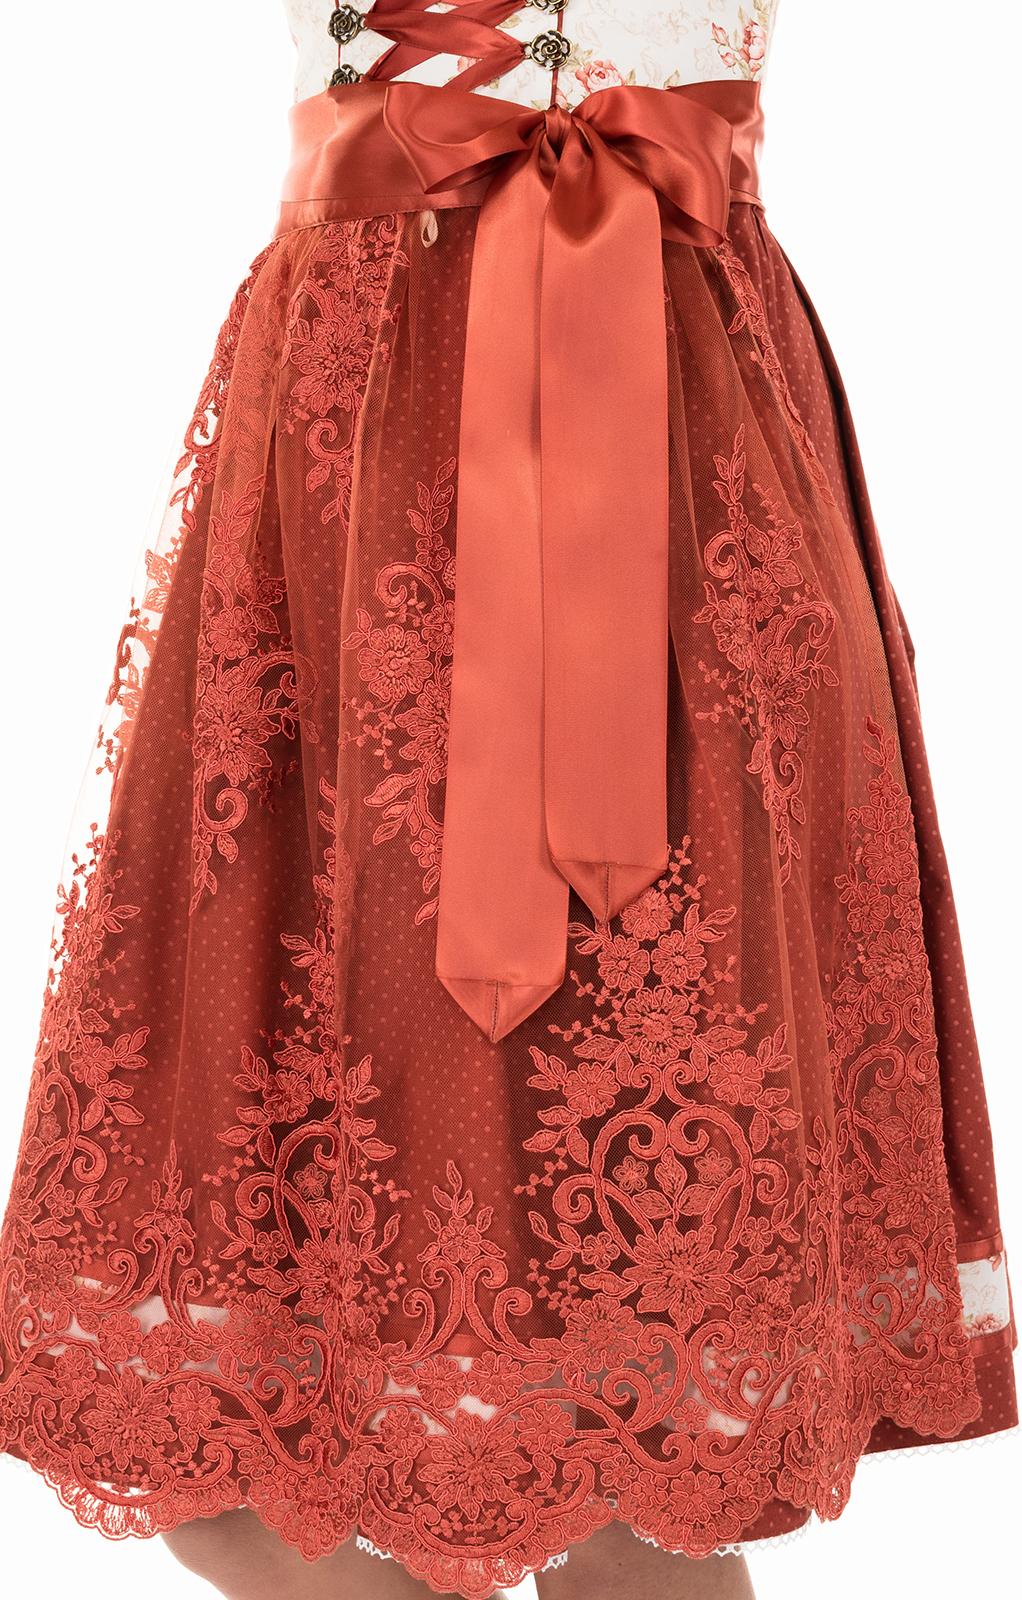 weitere Bilder von Mididirndl 65cm 2pz. bianco rosa